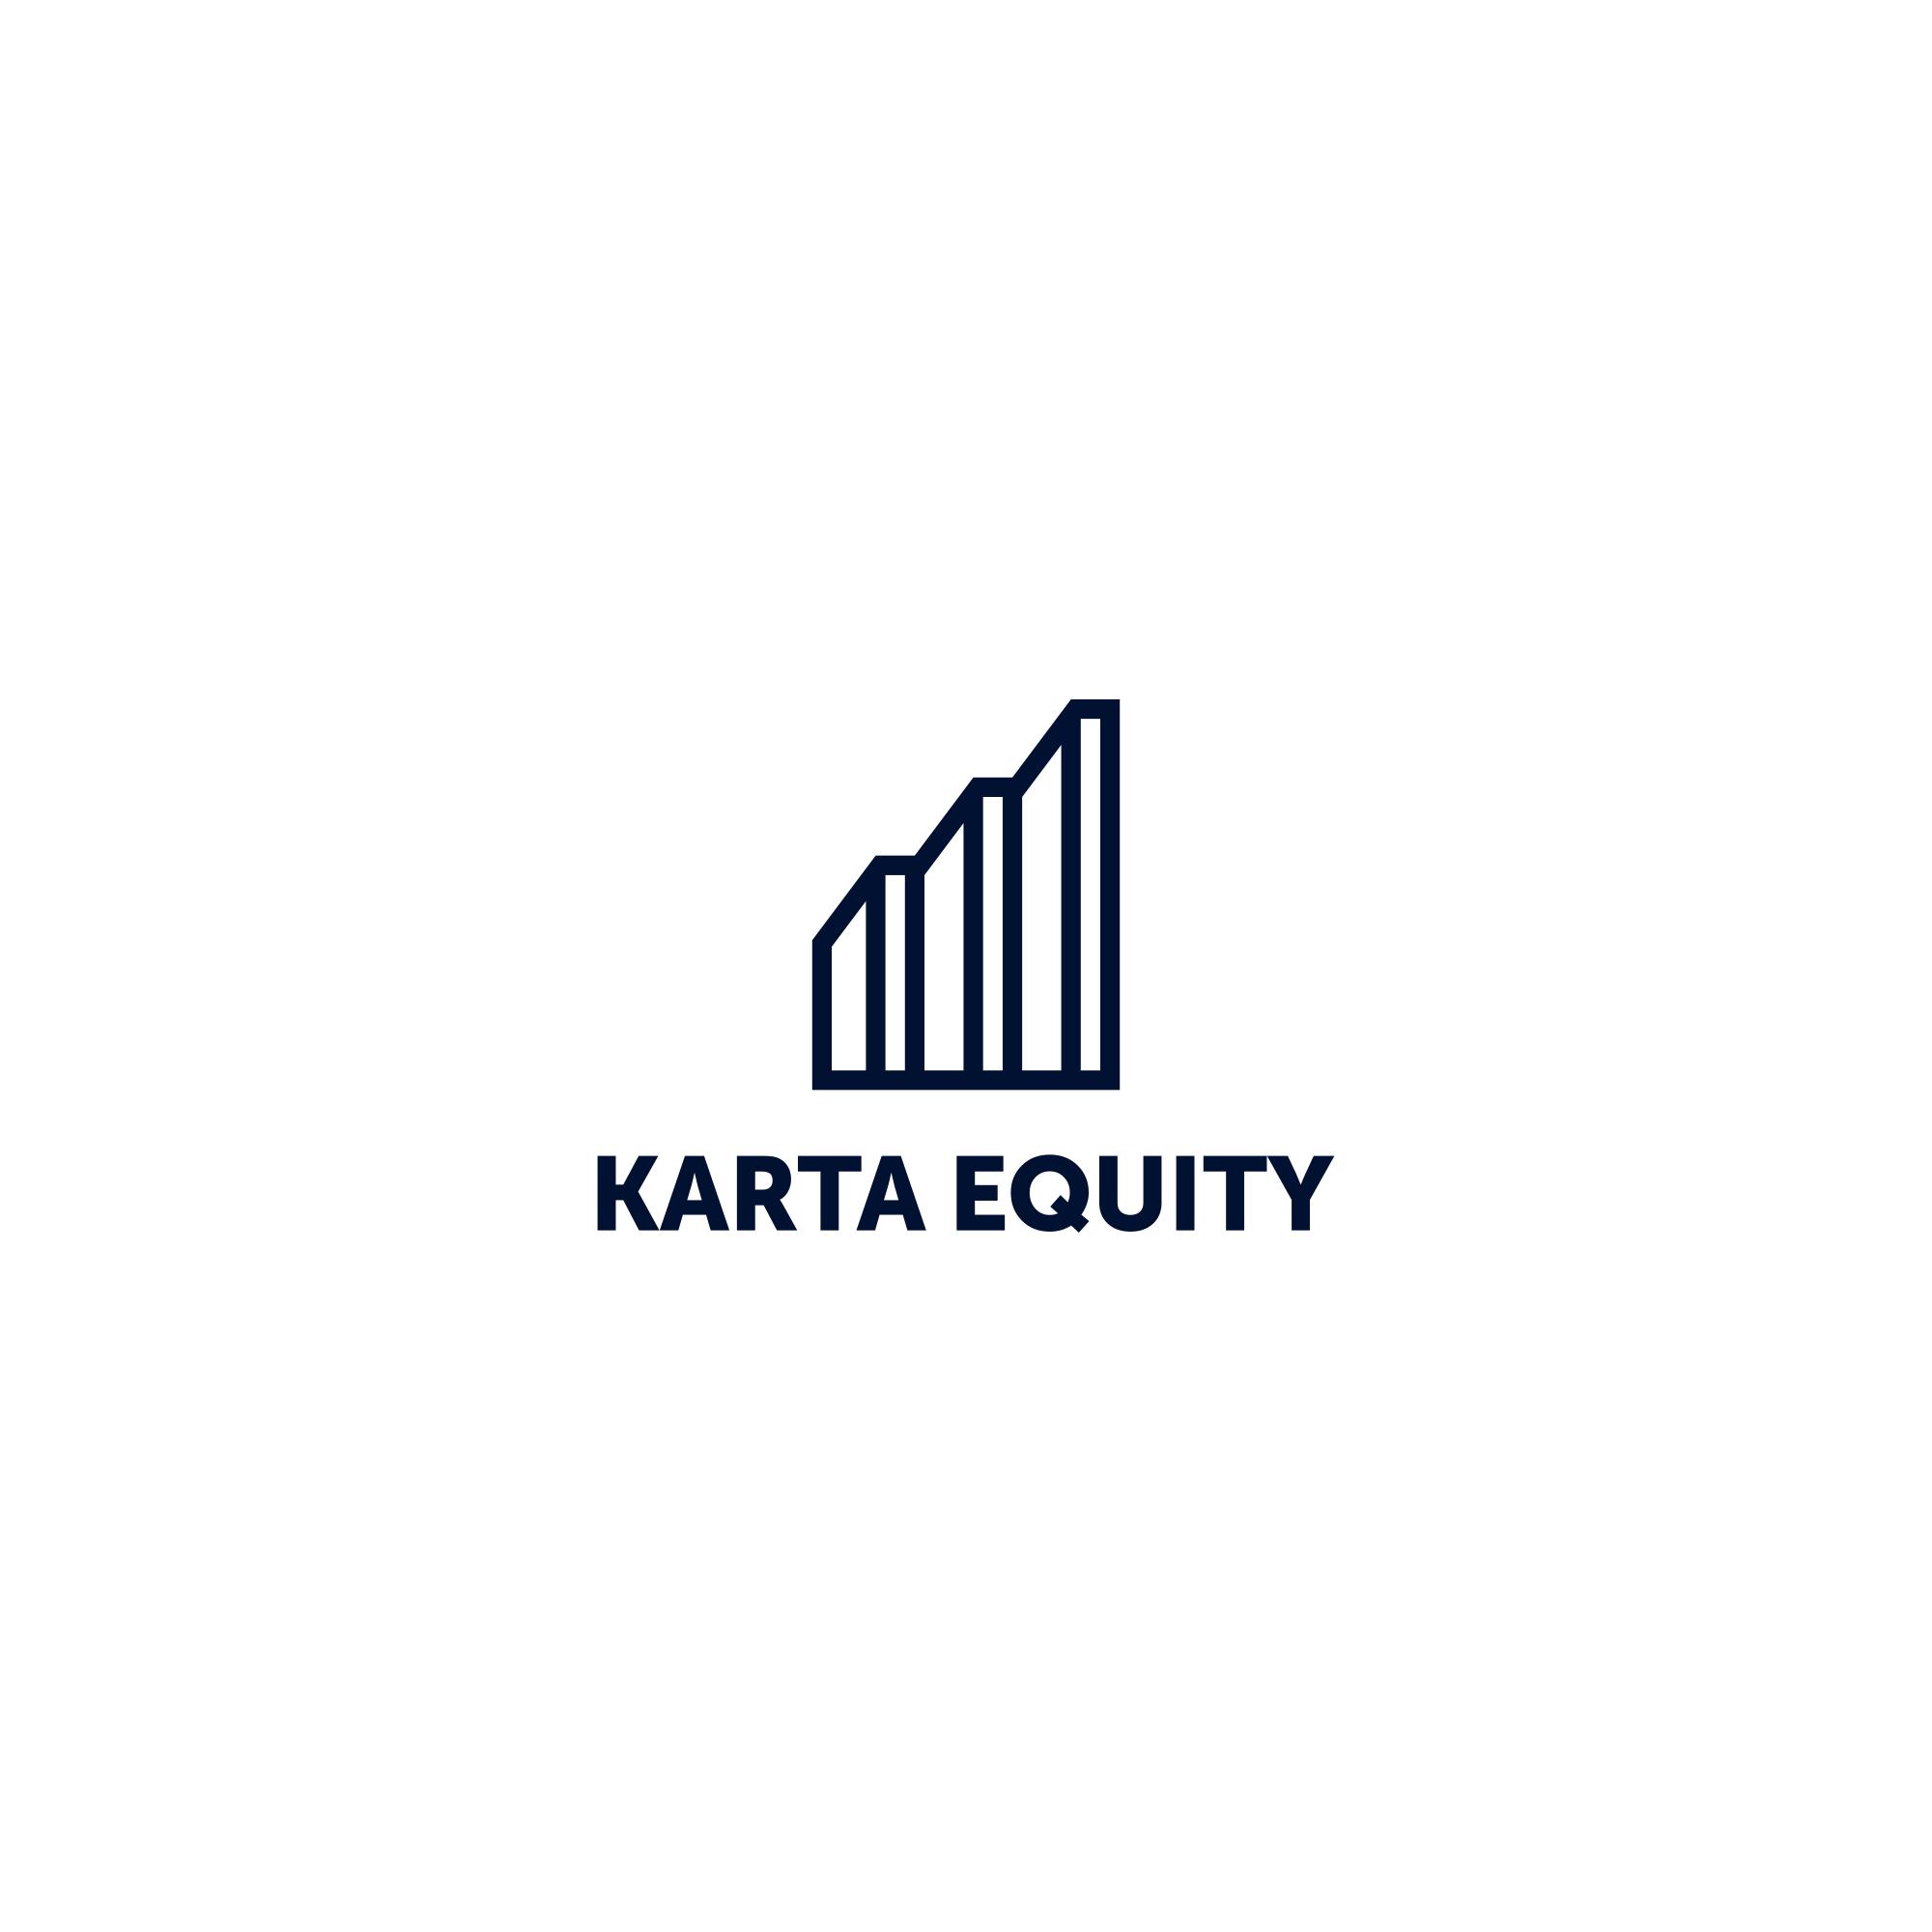 Логотип для компании инвестироваюшей в жилую недвижимость фото f_1815e1238c5813ca.png